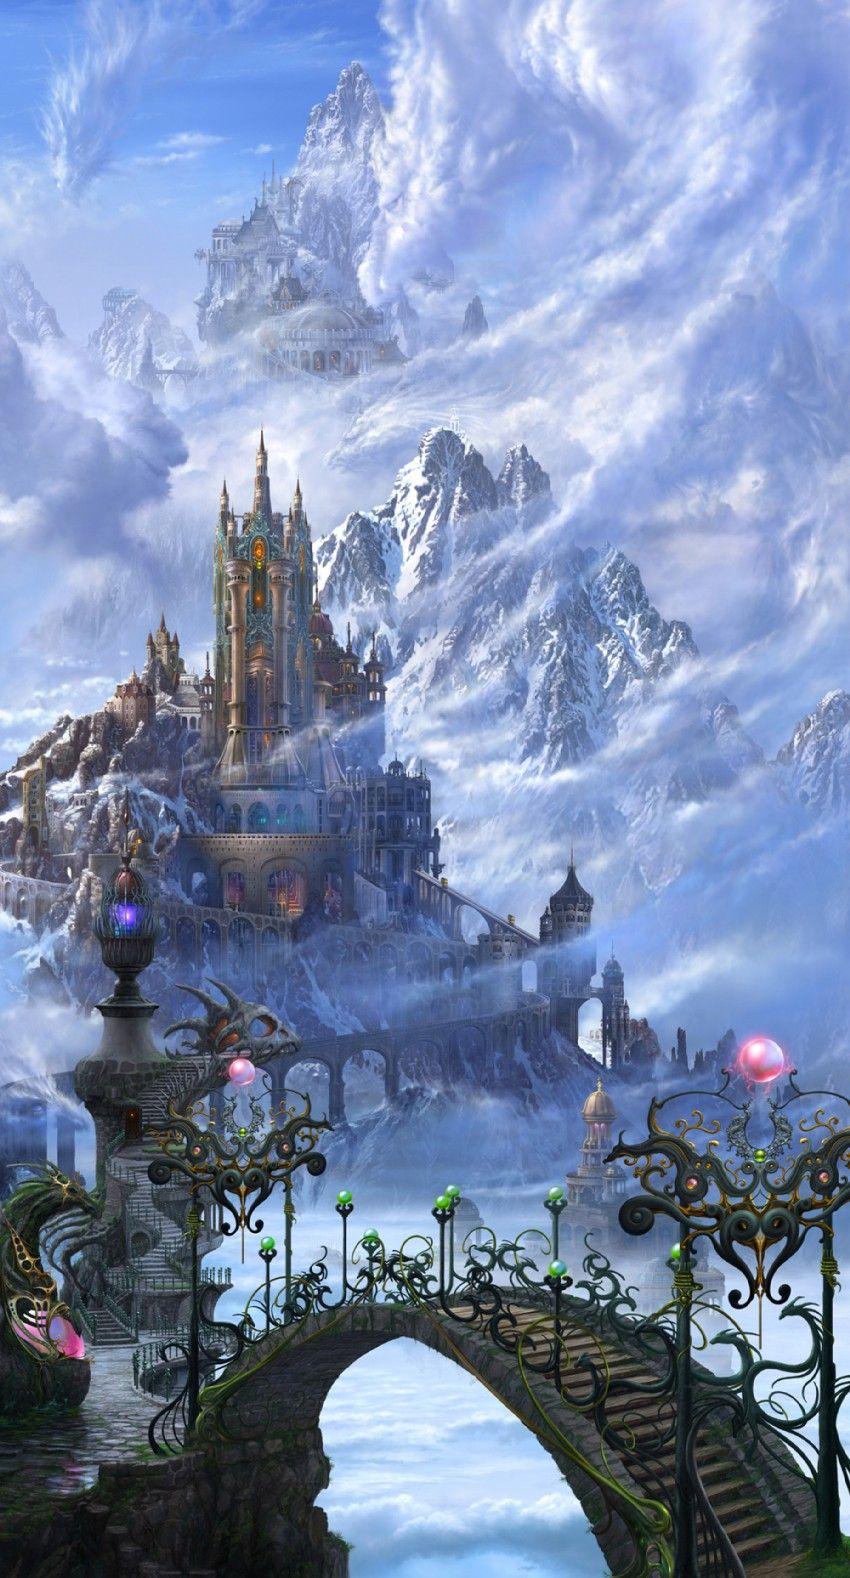 Un Chateau Dans Les Nuages pont du château de nuages froids dragon fantasy highres